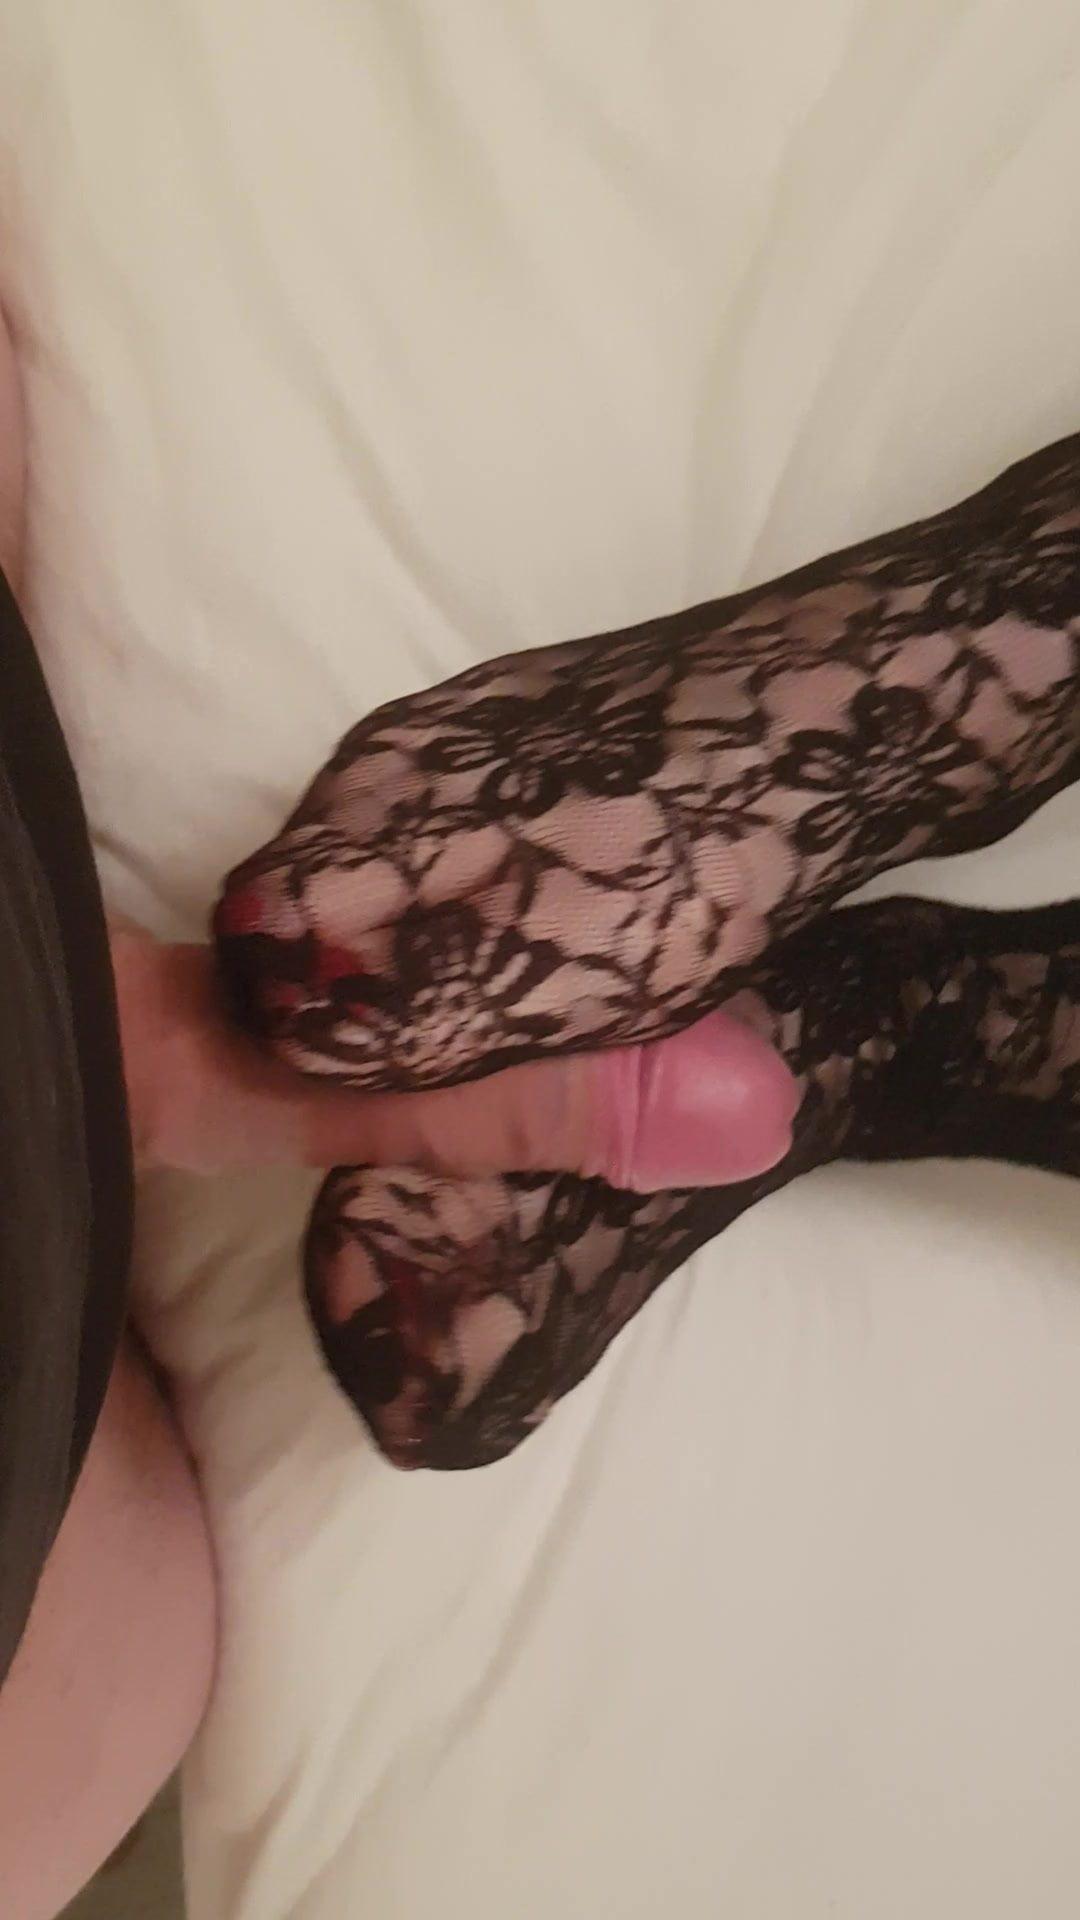 Cum on pretty nylon feet